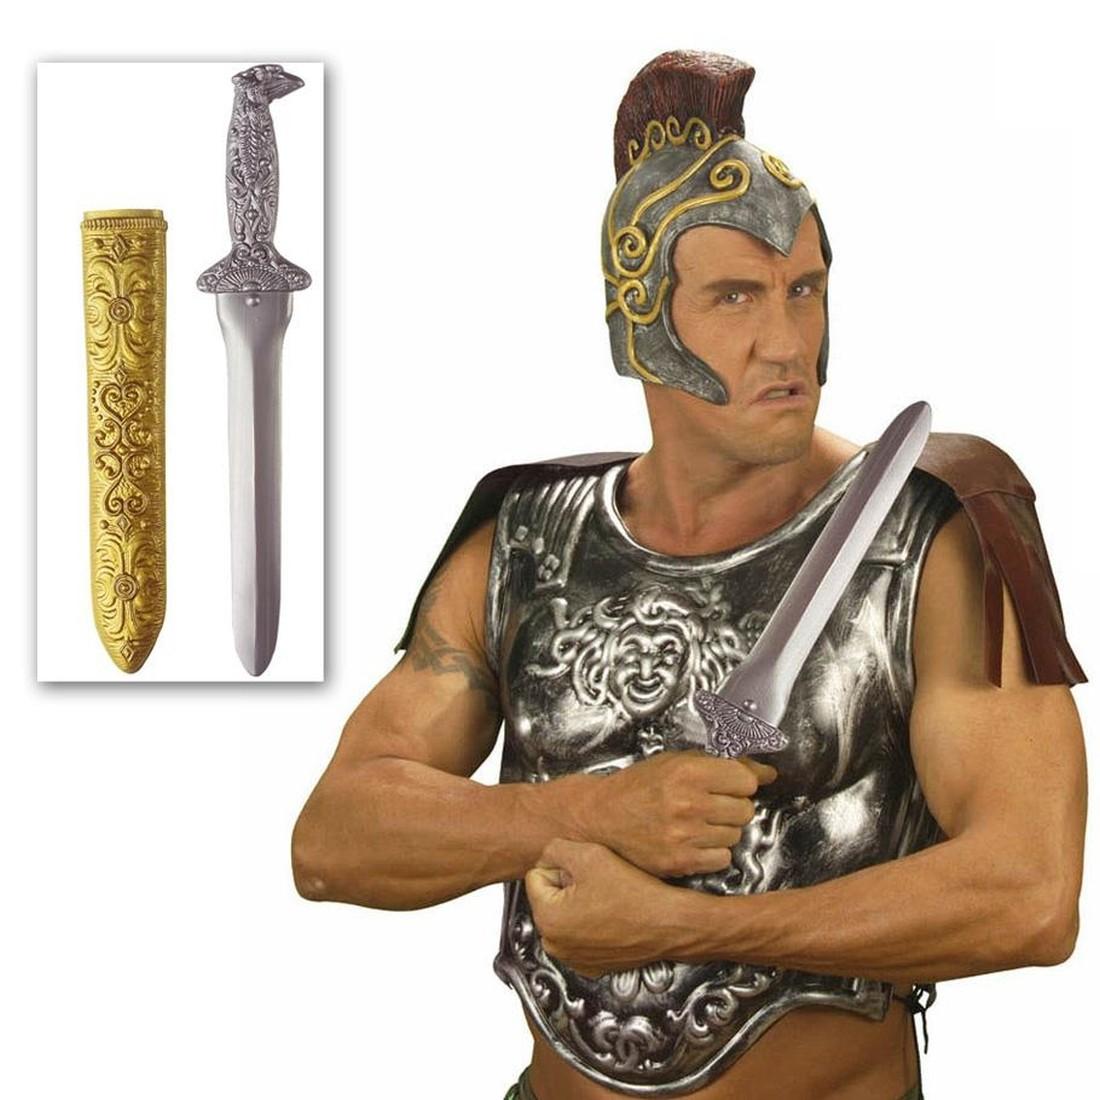 Romerschwert Romer Schwert Kostum Zubehor Fasching 6 99